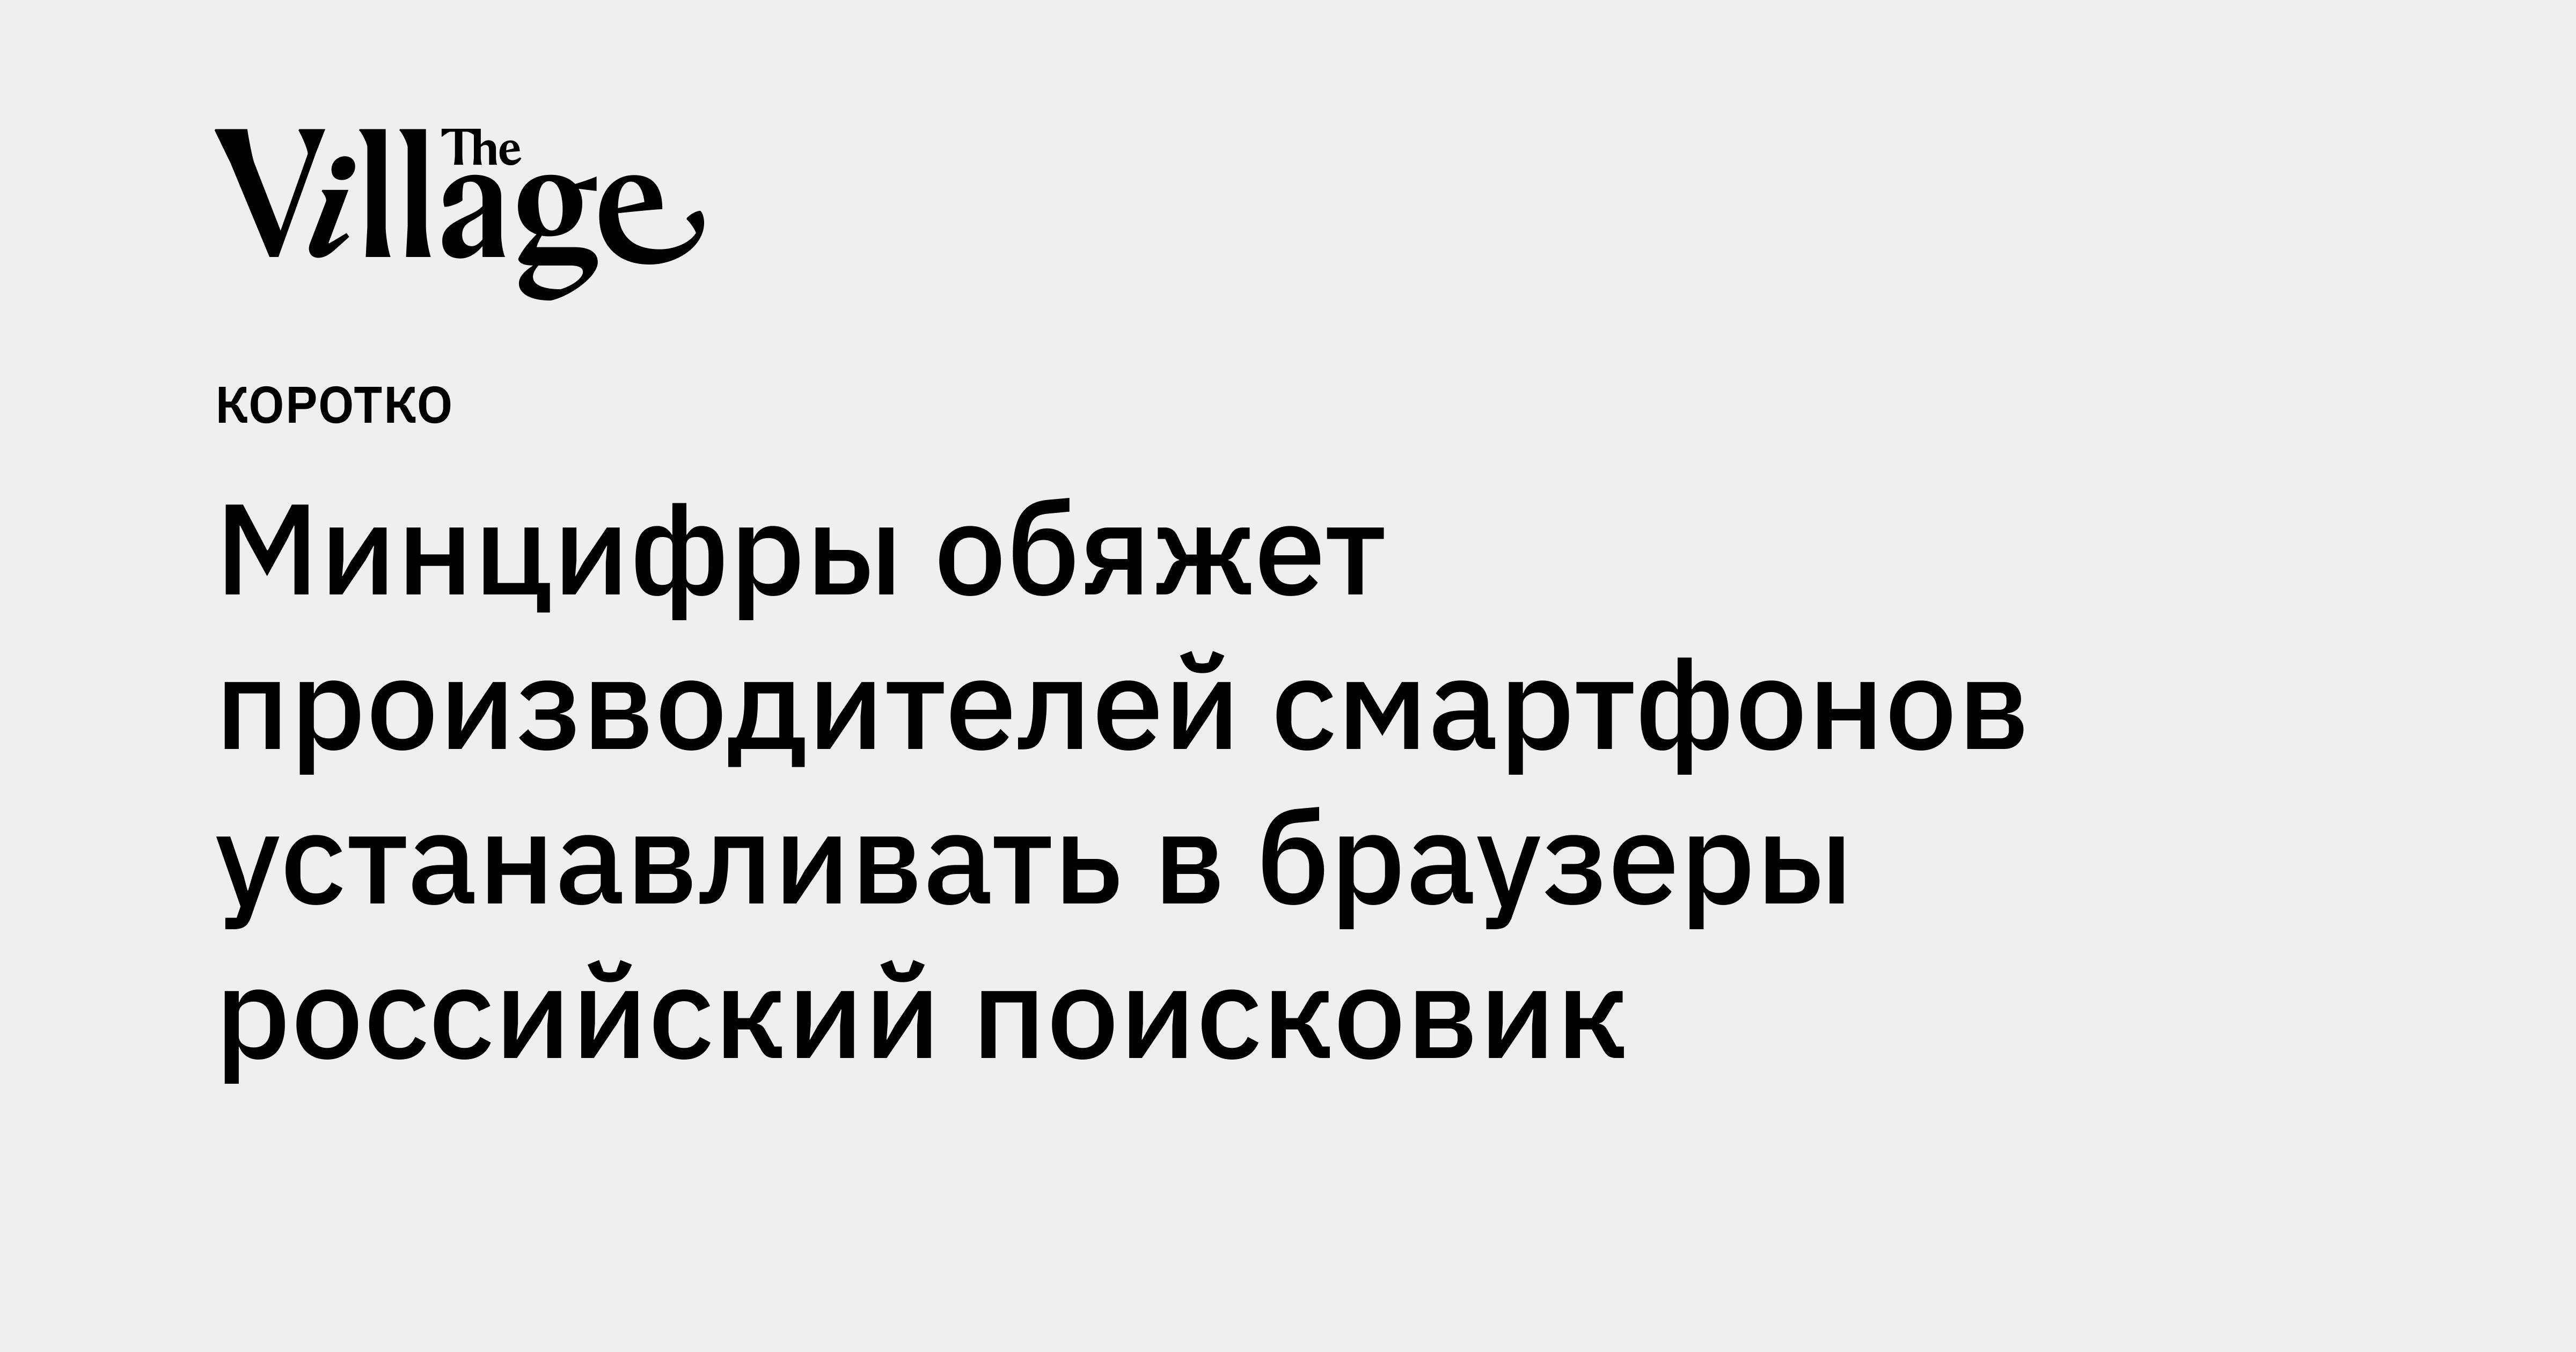 Минцифры обяжет производителей смартфонов устанавливать вбраузеры российский поисковик